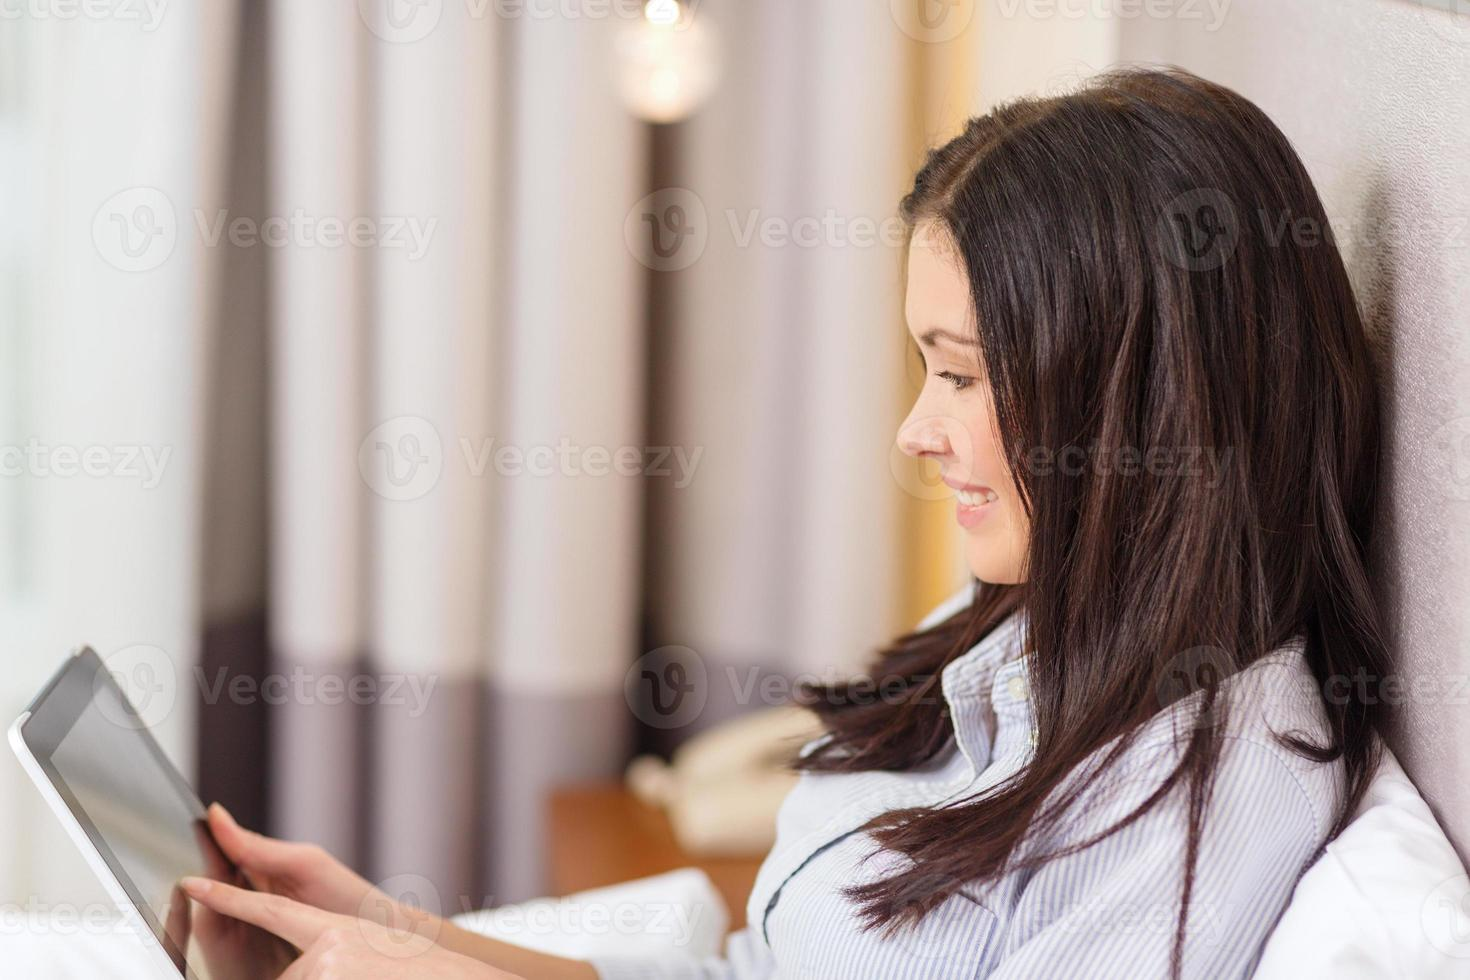 empresária feliz com tablet pc no quarto de hotel foto